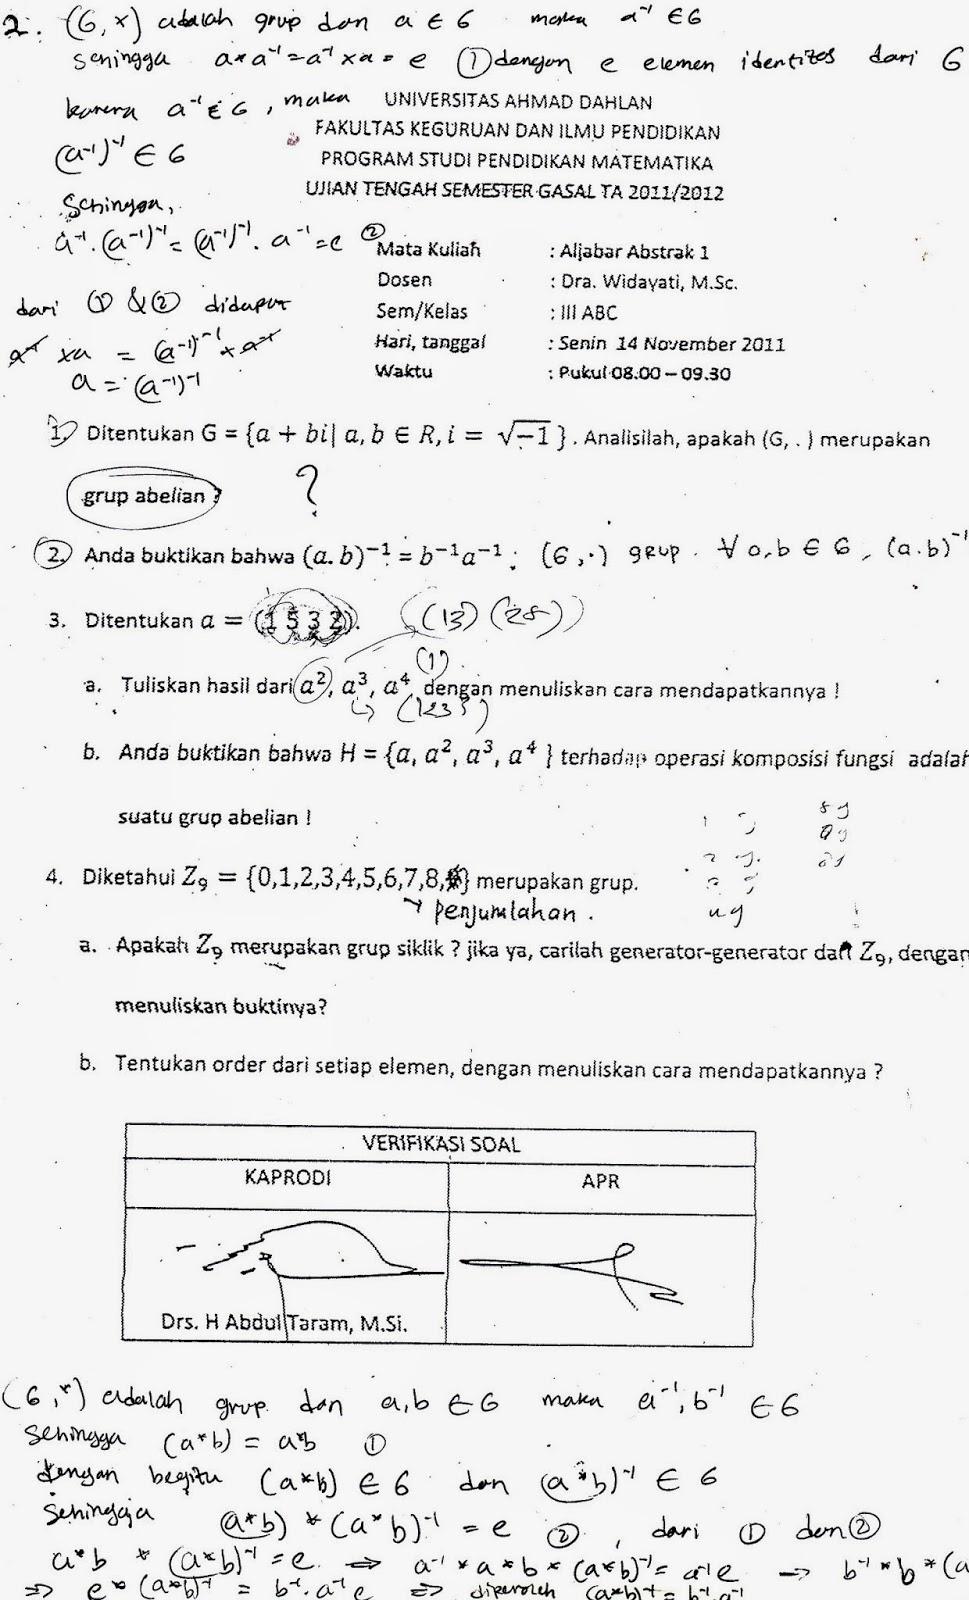 Soal Uts Pendidikan Matematika Uad Semester 4 Yang Wajib Diketahui